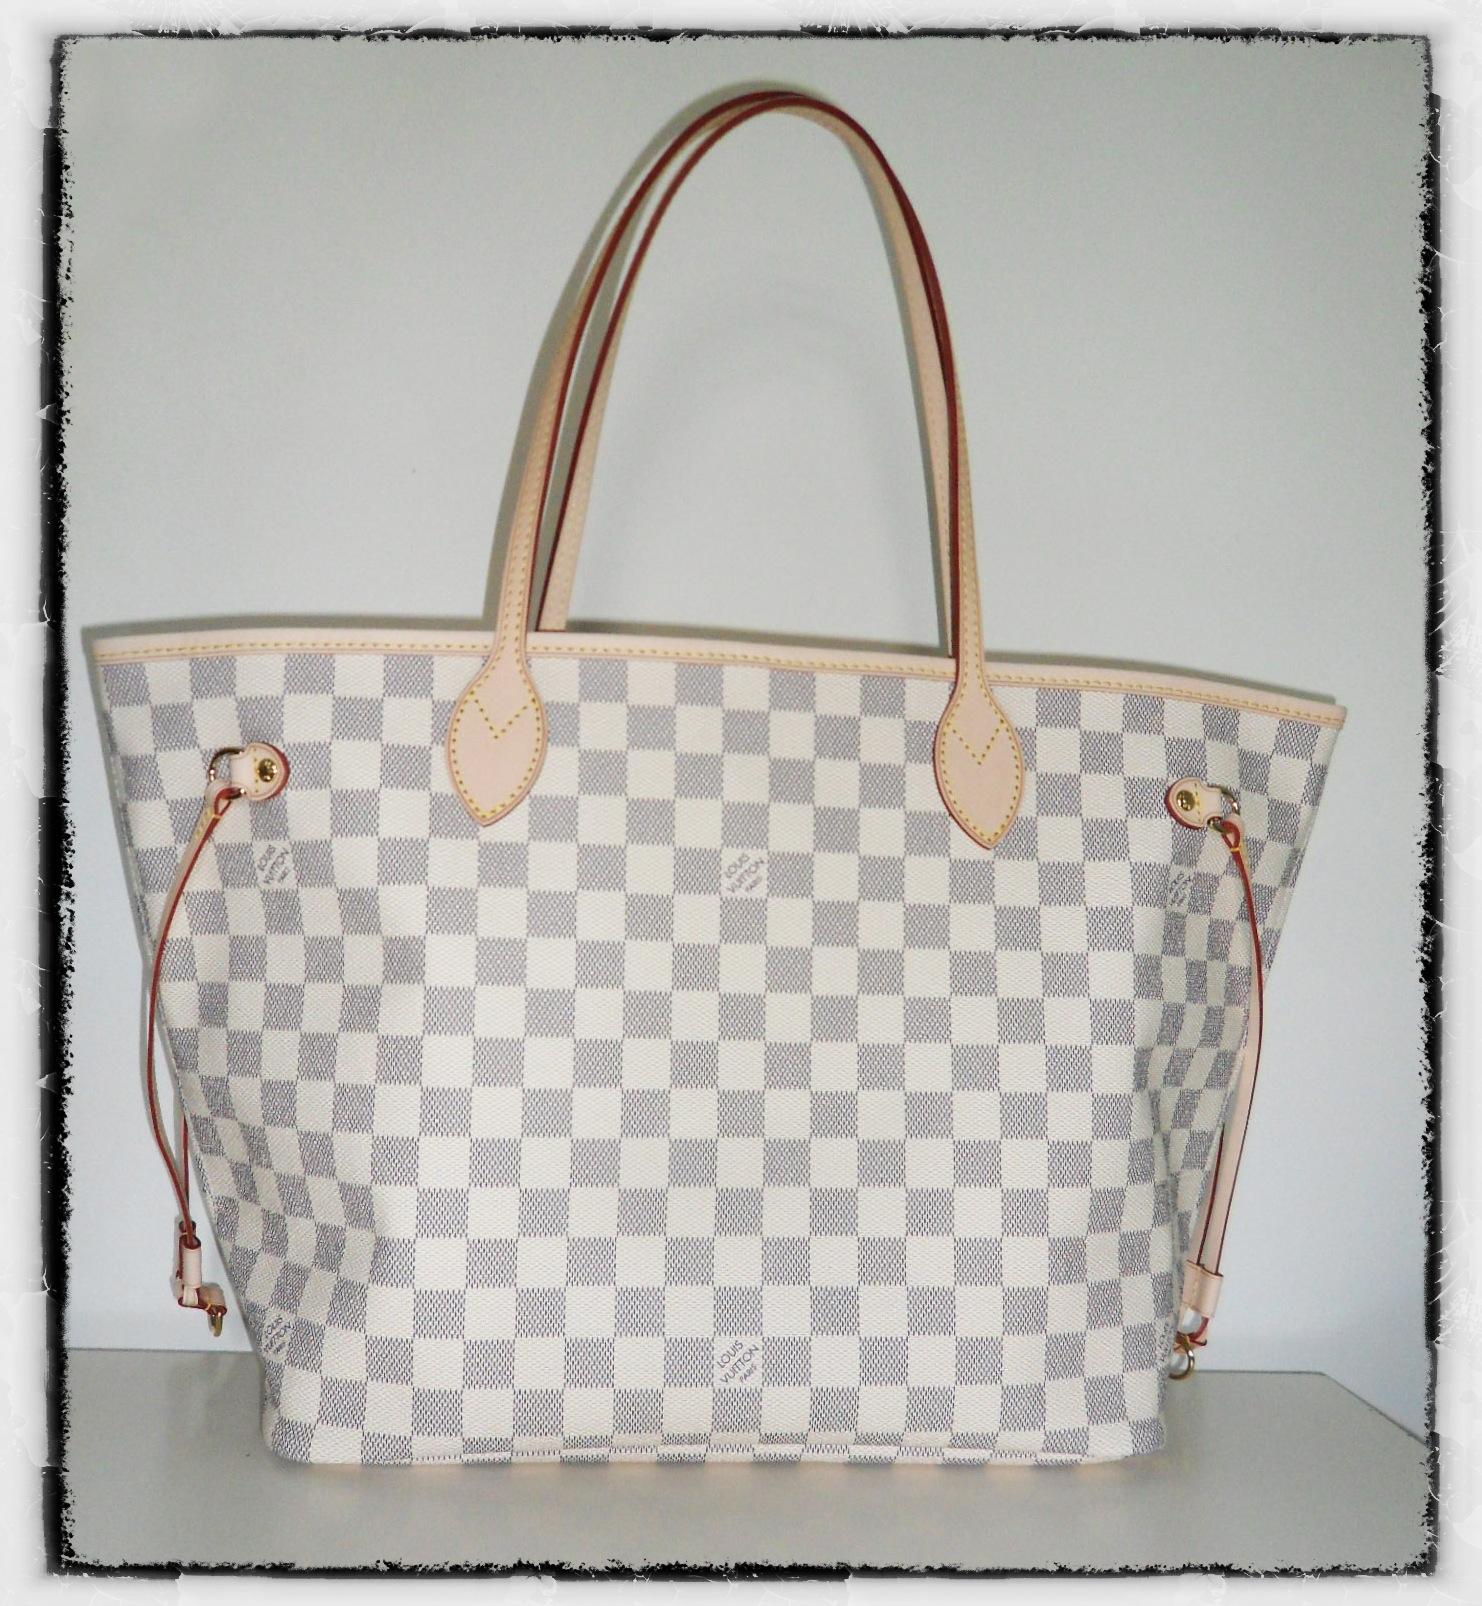 Mon nouveau copain sac   le Neverfull Damier Azur de Louis Vuitton ... 56fe6cbfb5a